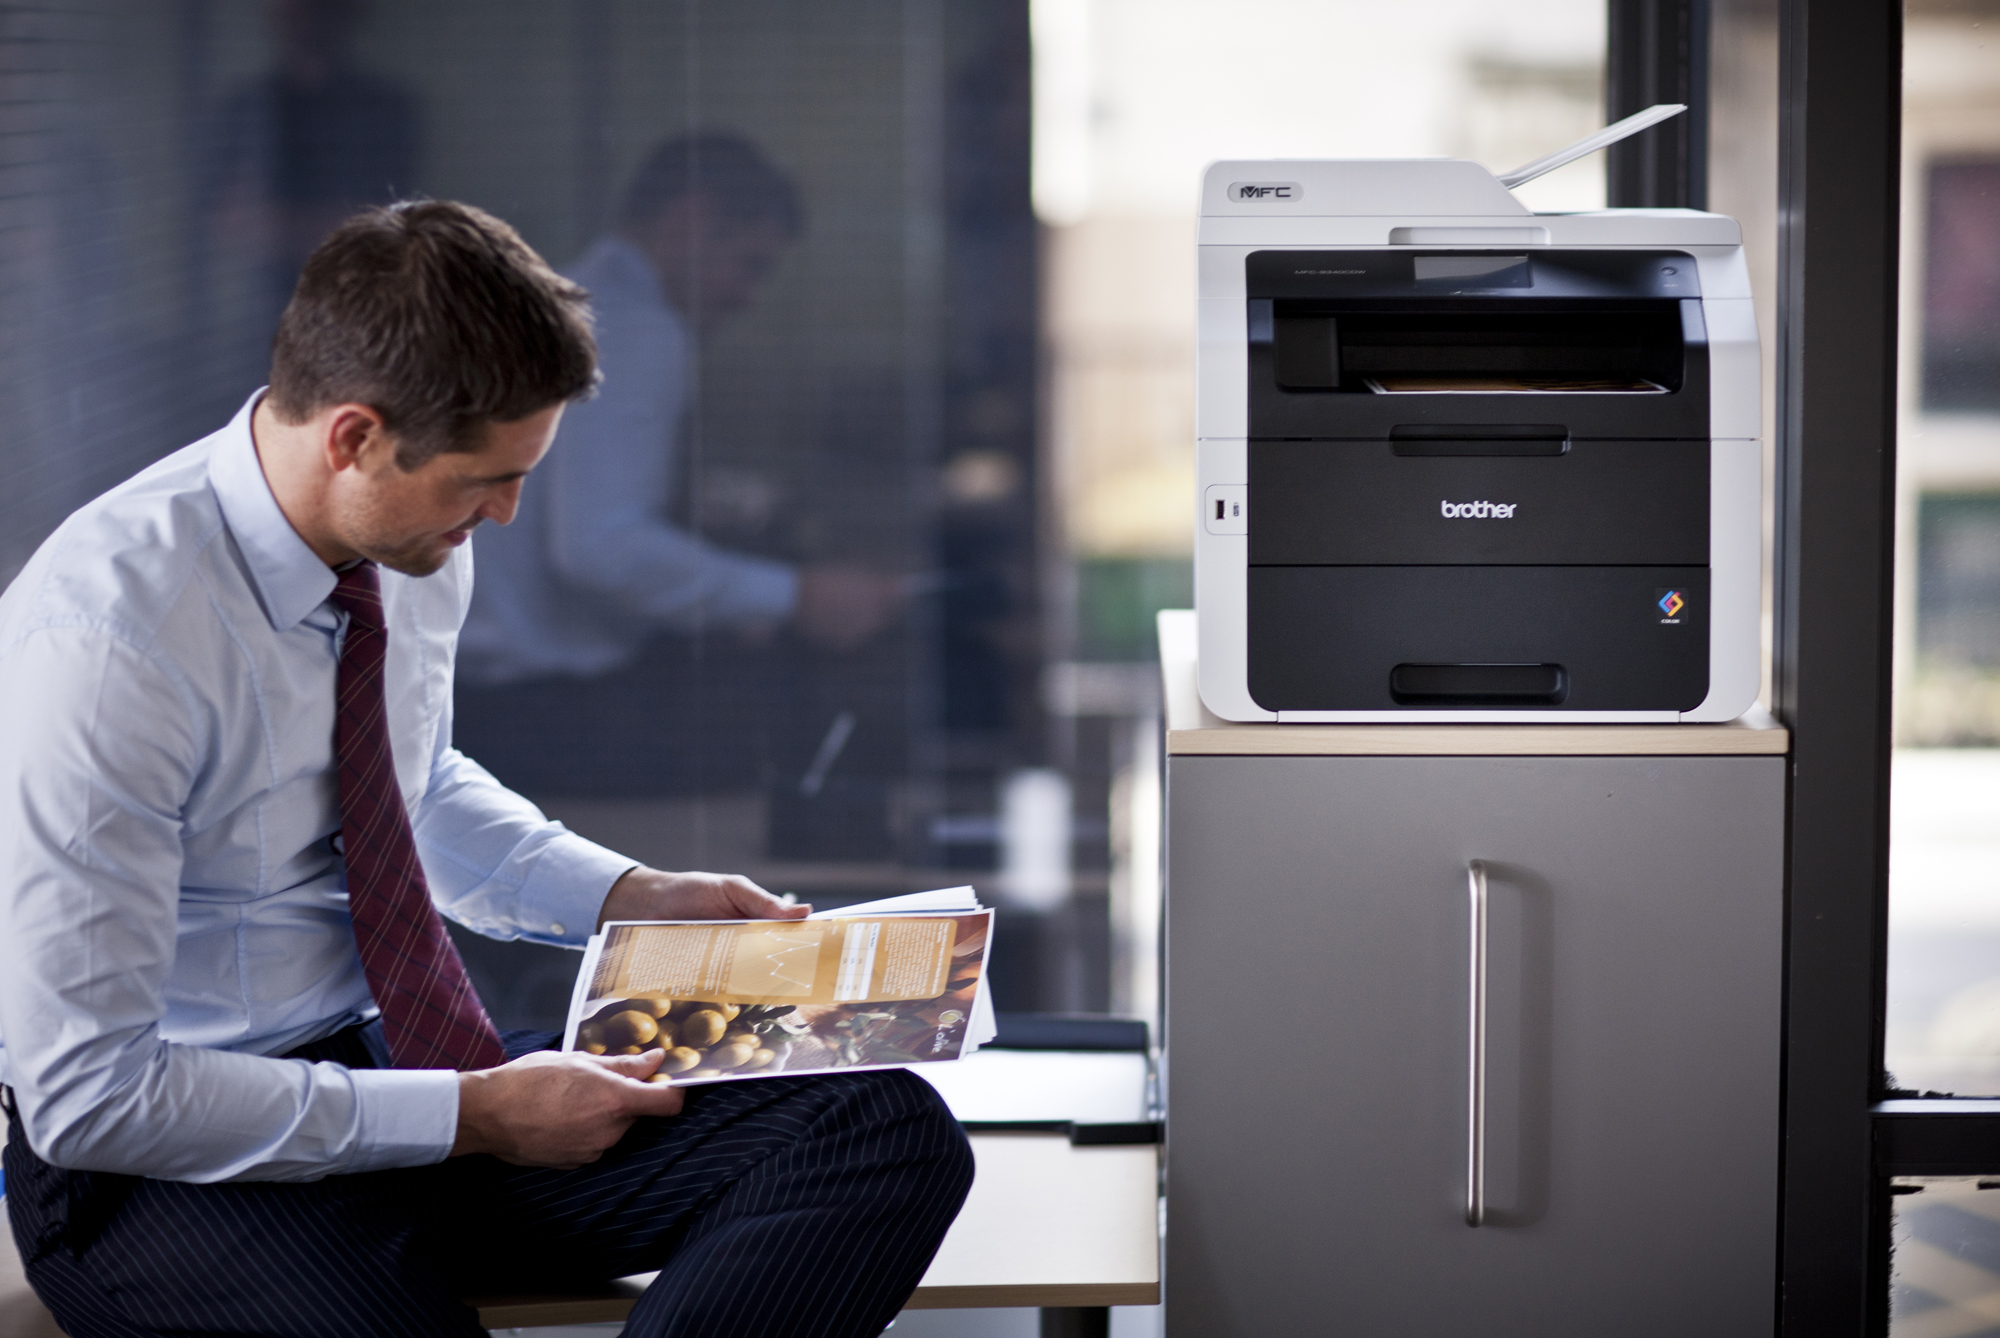 Impresoras brother cualidades y funciones impresoras y for Impresoras para oficina